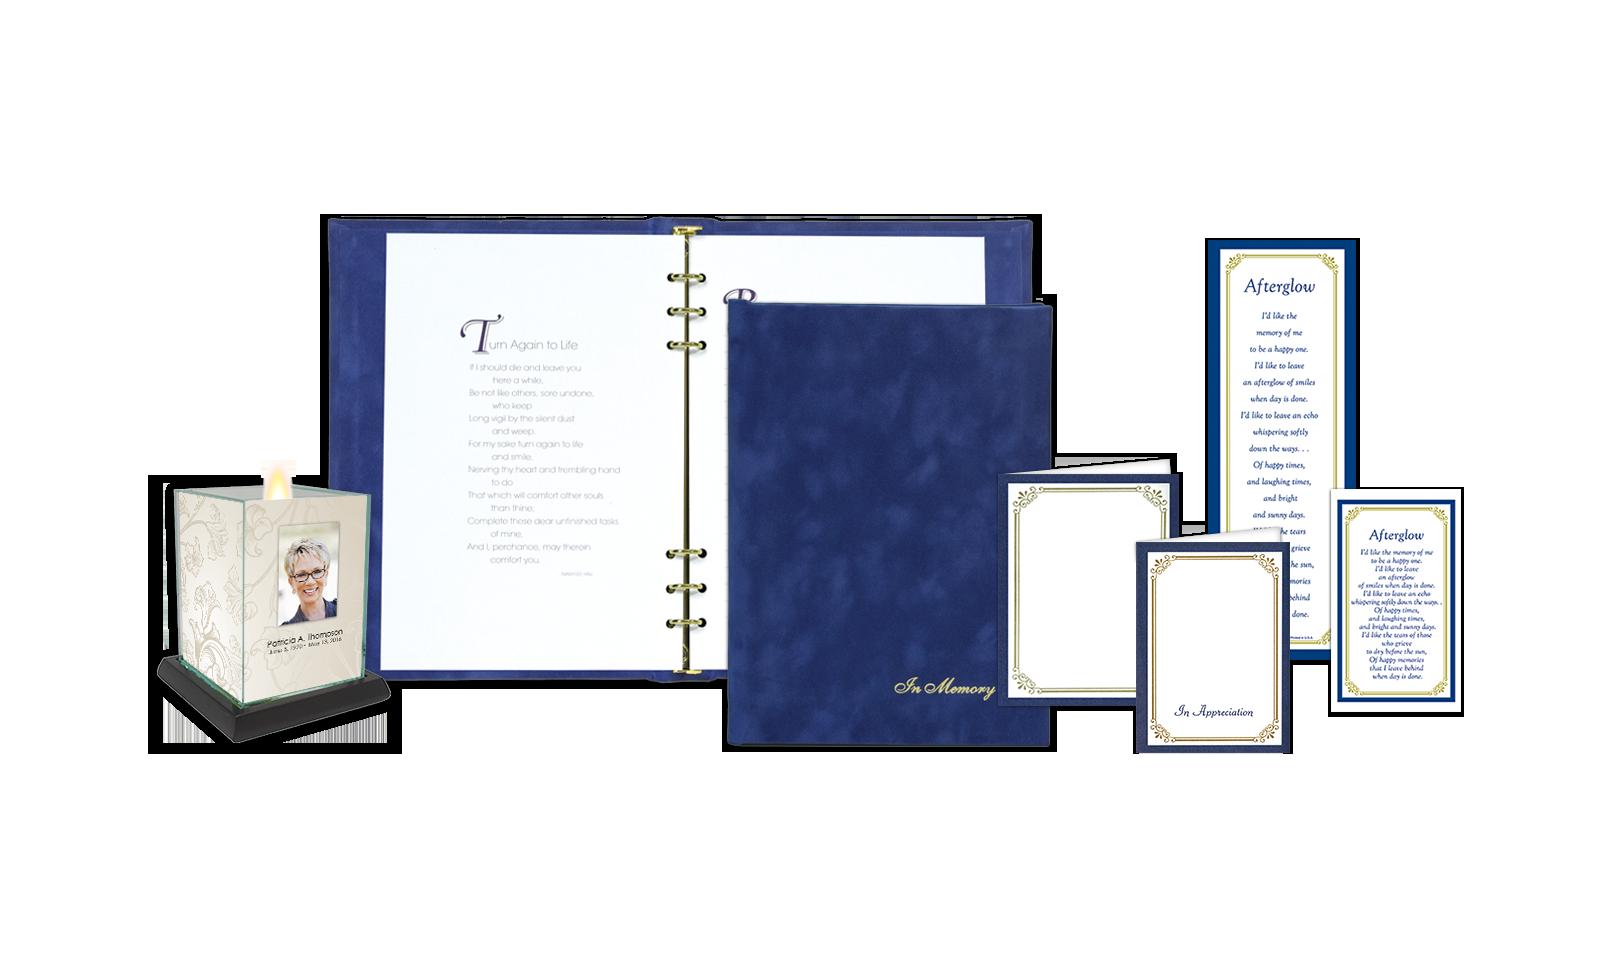 ROL In Memory Suedelux Royal Blue Series 506 GL